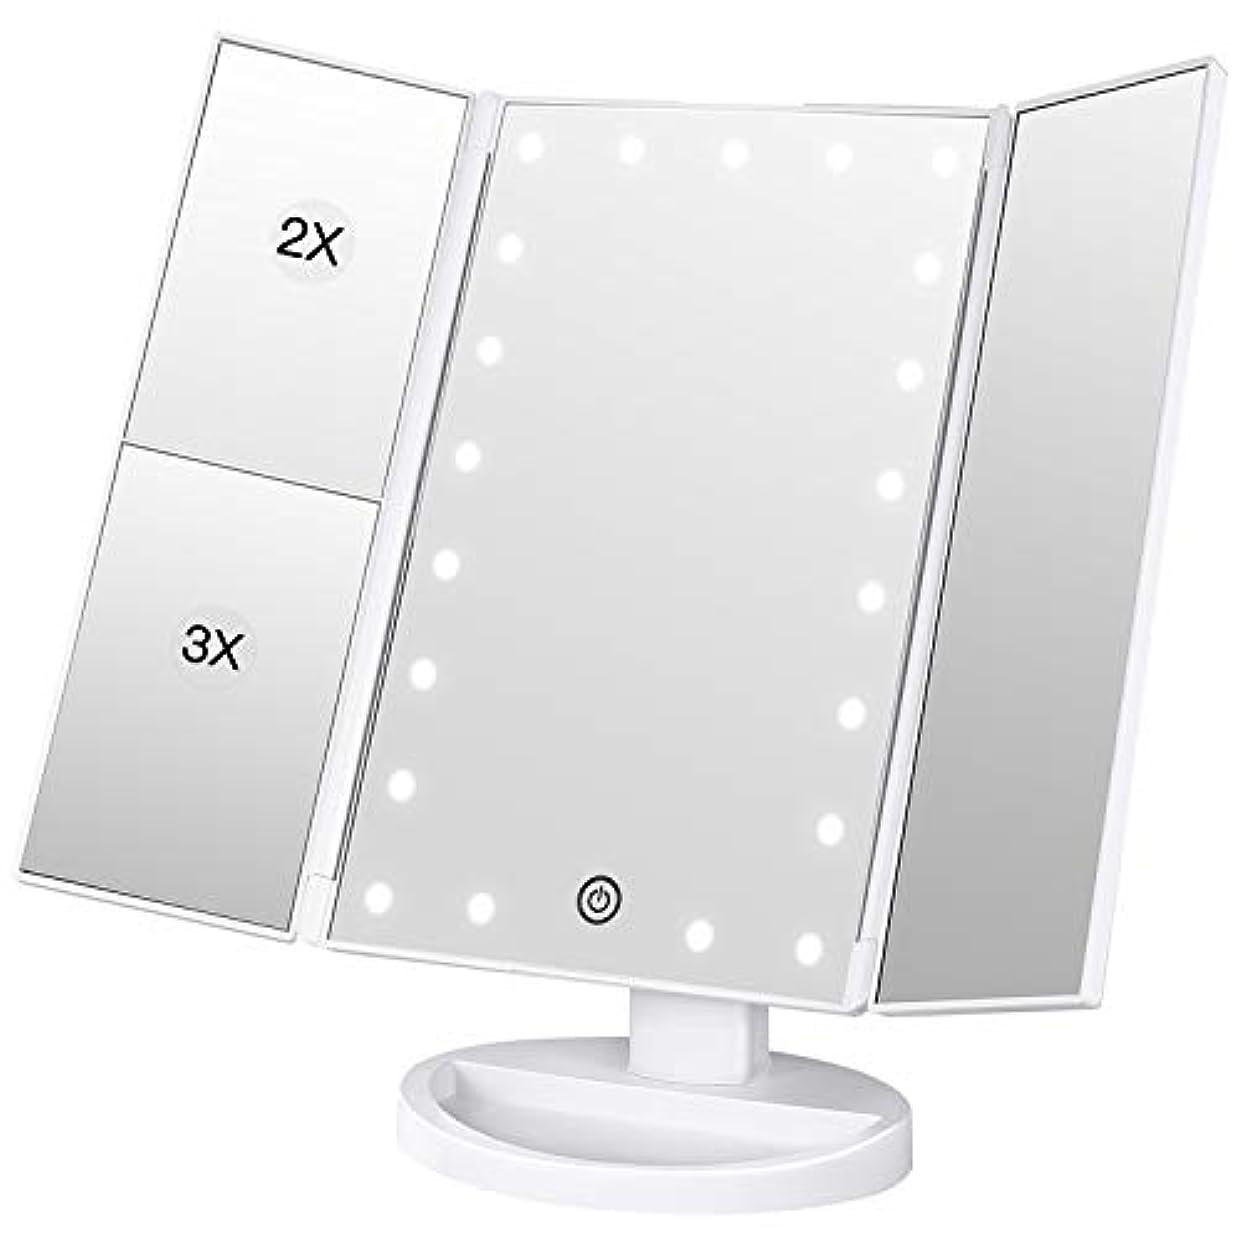 救援今後ハードBESTOPE 化粧鏡 化粧ミラー 鏡 三面鏡 女優ミラー 卓上 led付き 折りたたみ 拡大鏡 2&3倍 明るさ調節可能 180°回転 電池&USB 2WAY給電